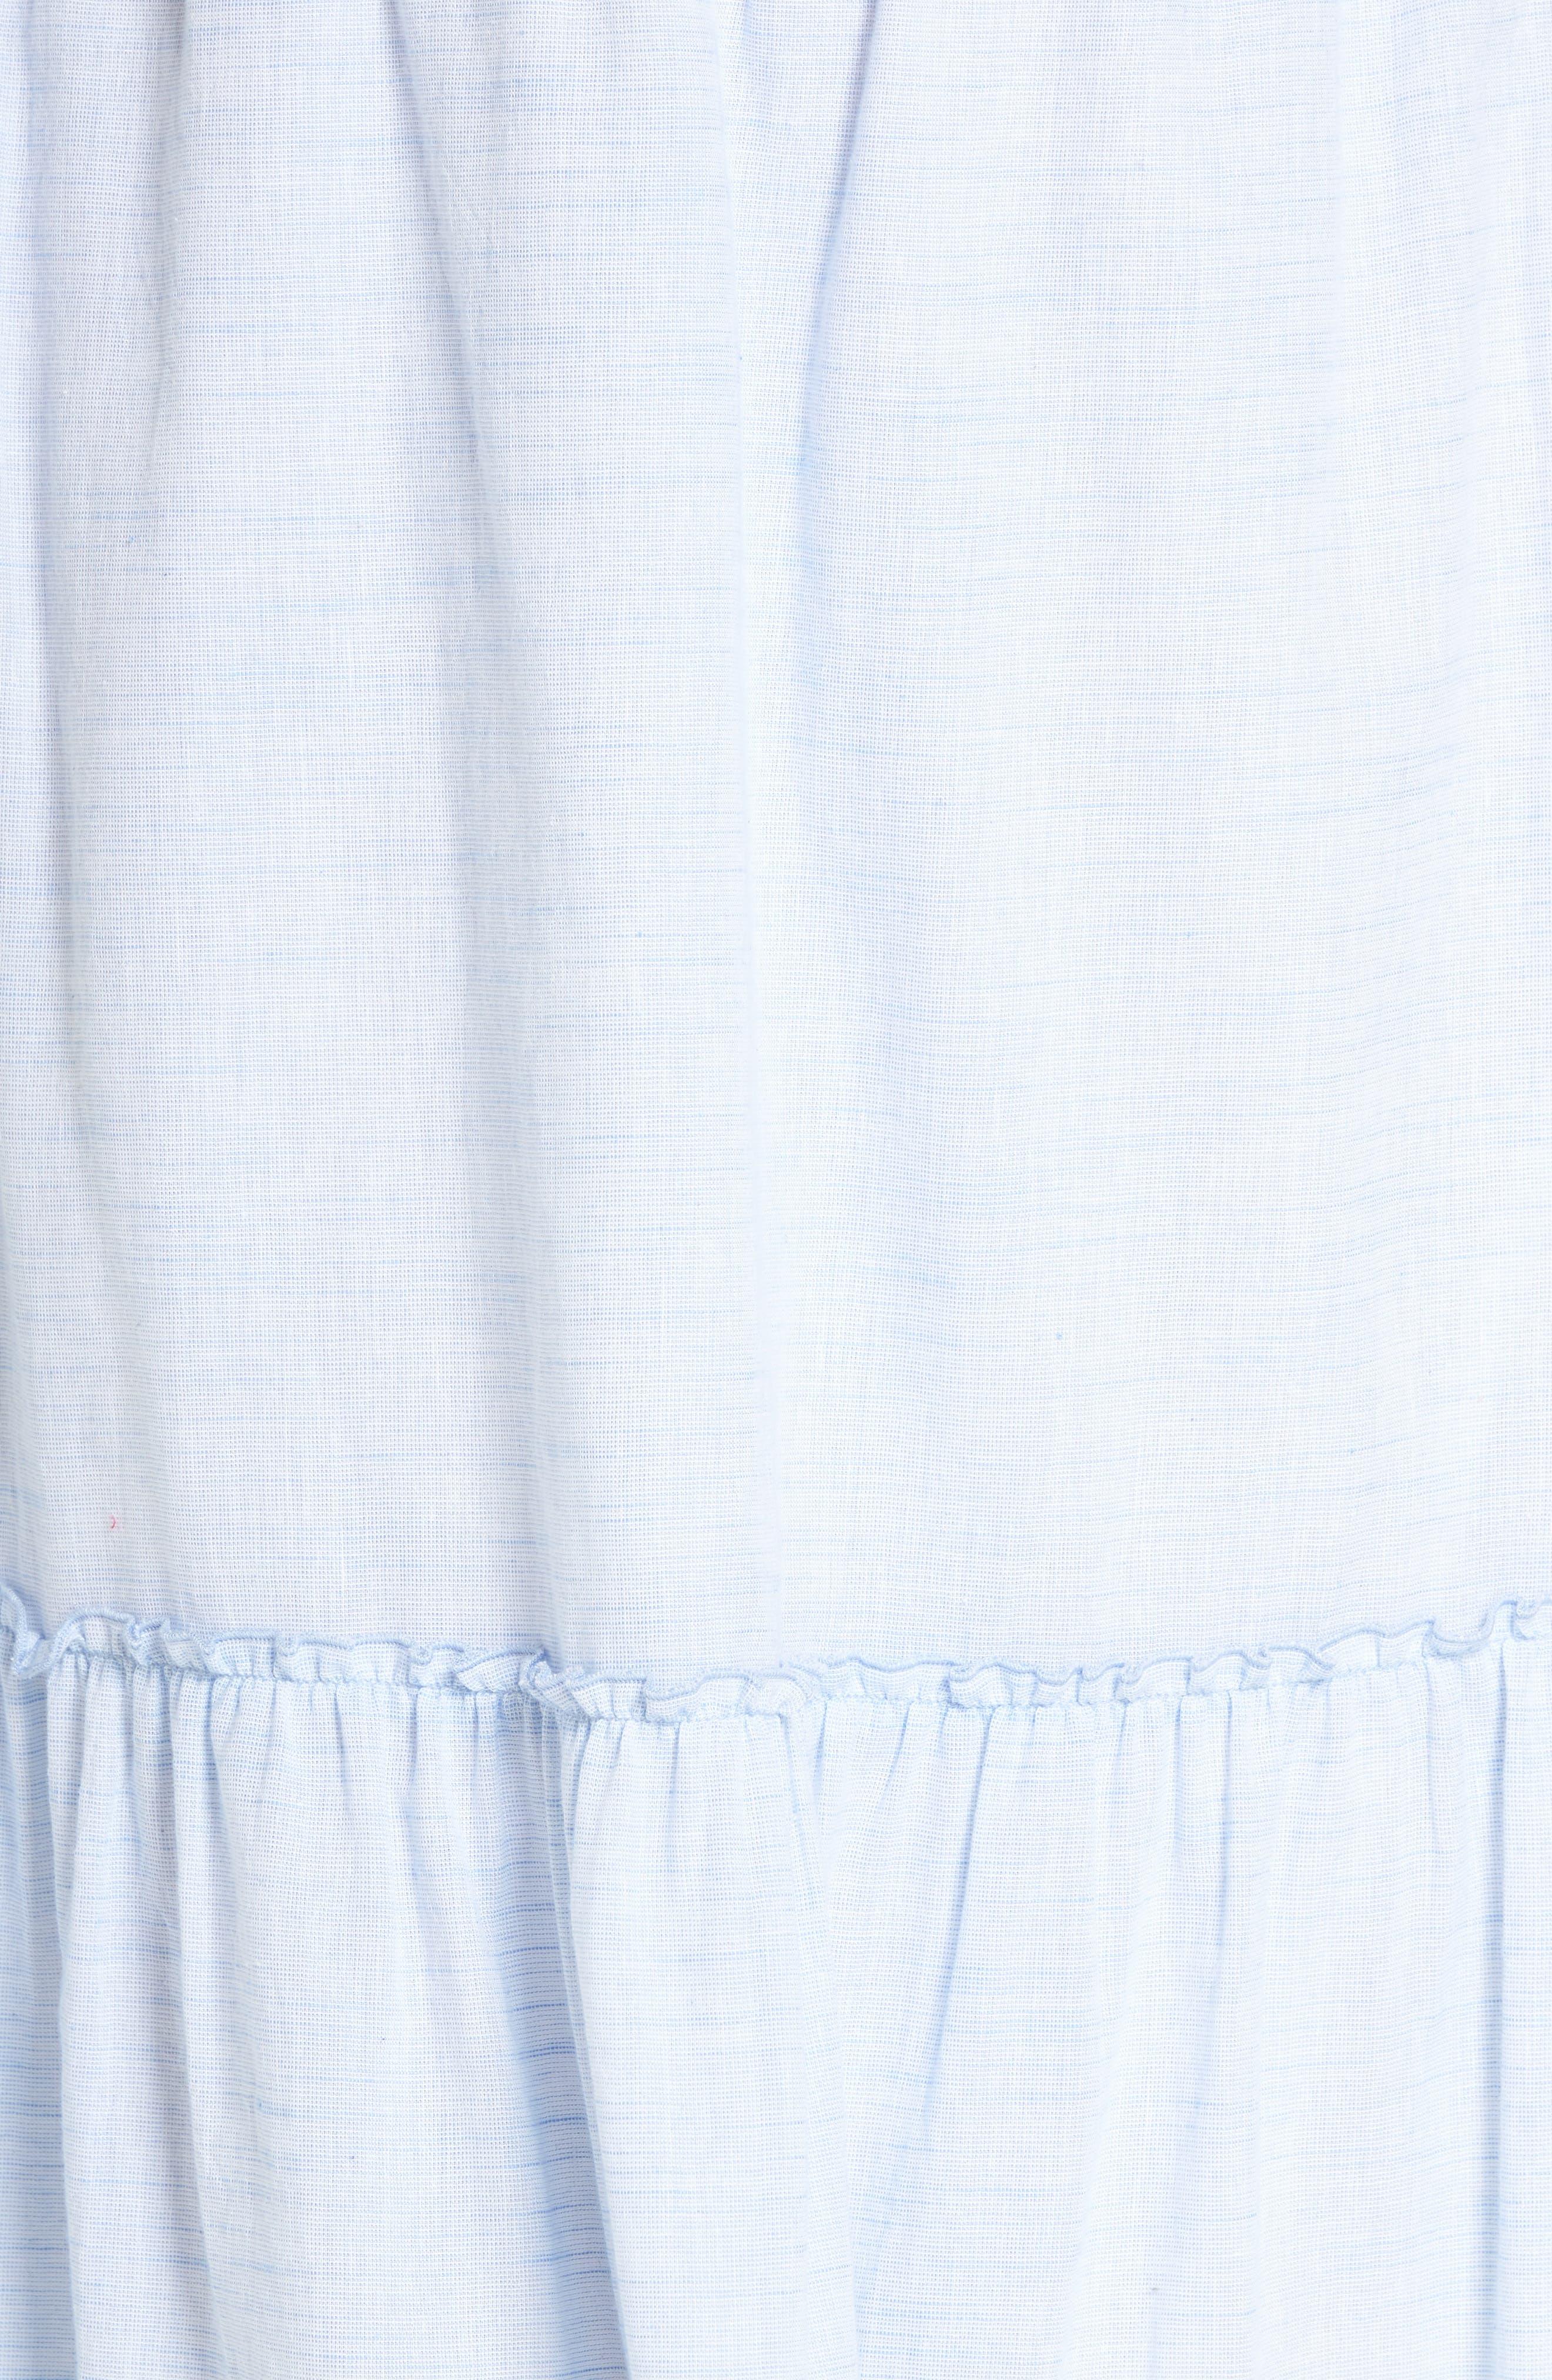 Ruffle Hem Maxi Skirt,                             Alternate thumbnail 5, color,                             Blue- White Pattern